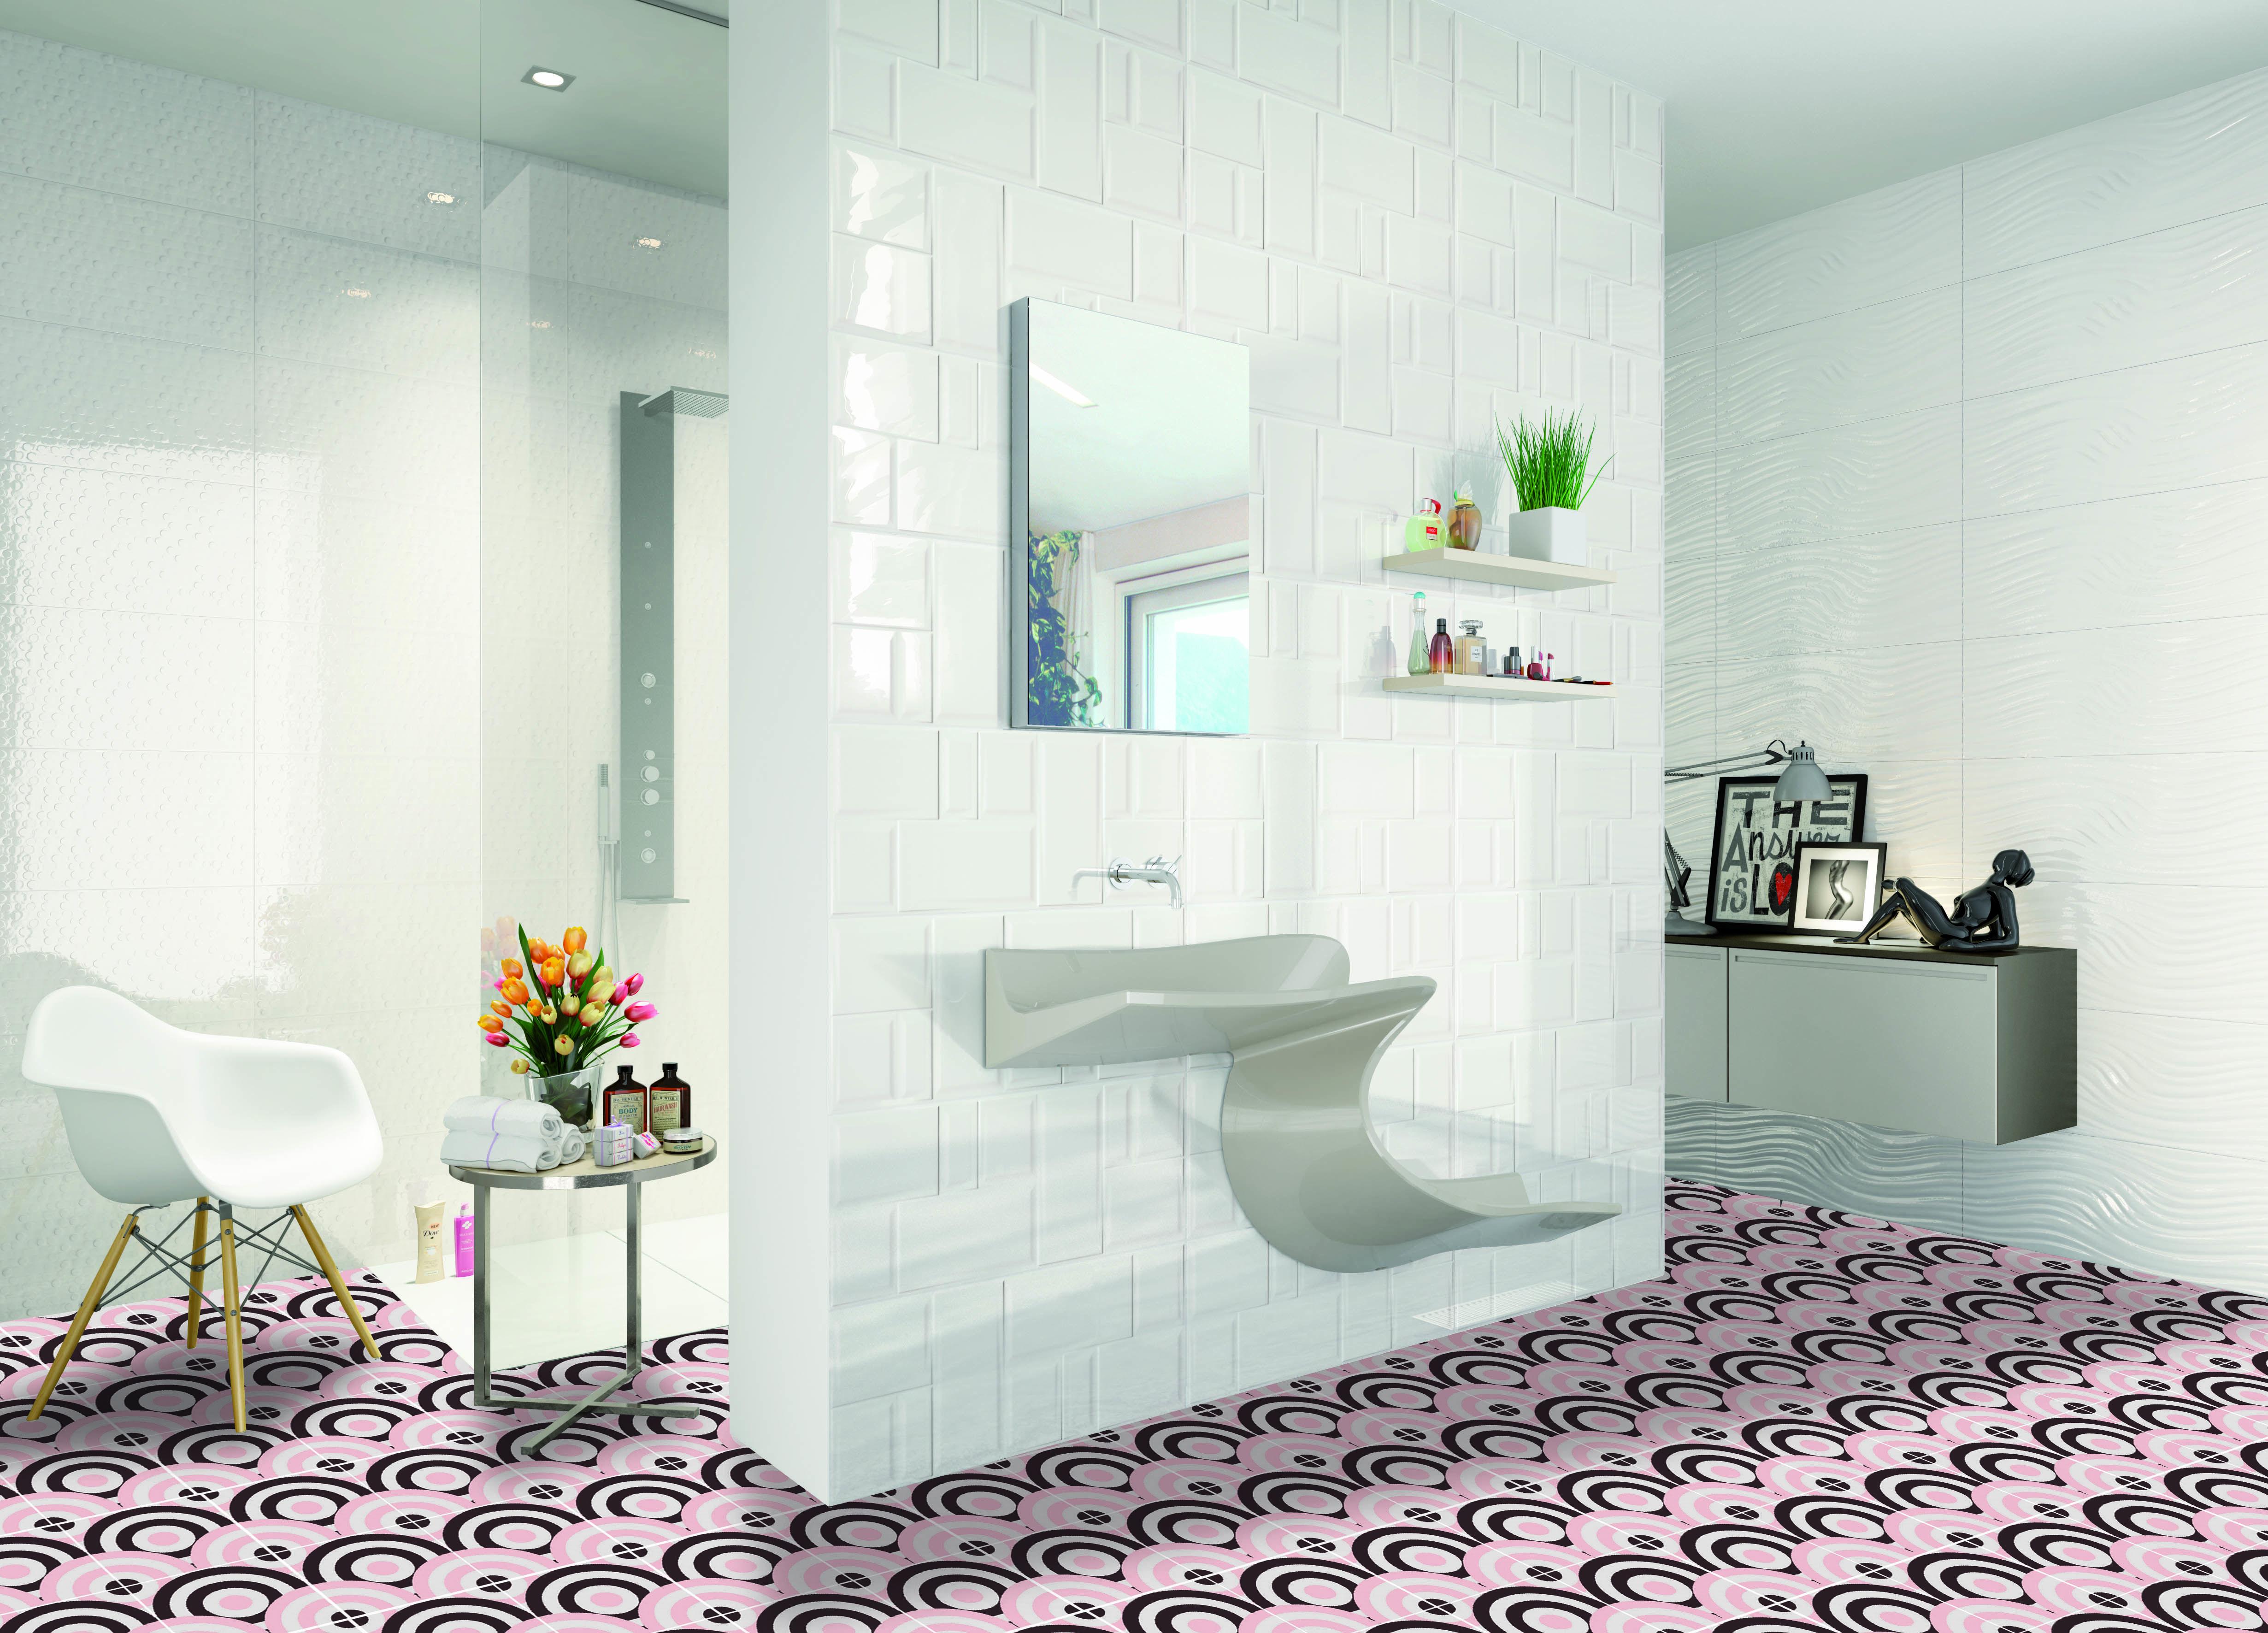 Epaisseur Carreau De Ciment salle de bain motif tendance : m1832 format 20 x 20 cm